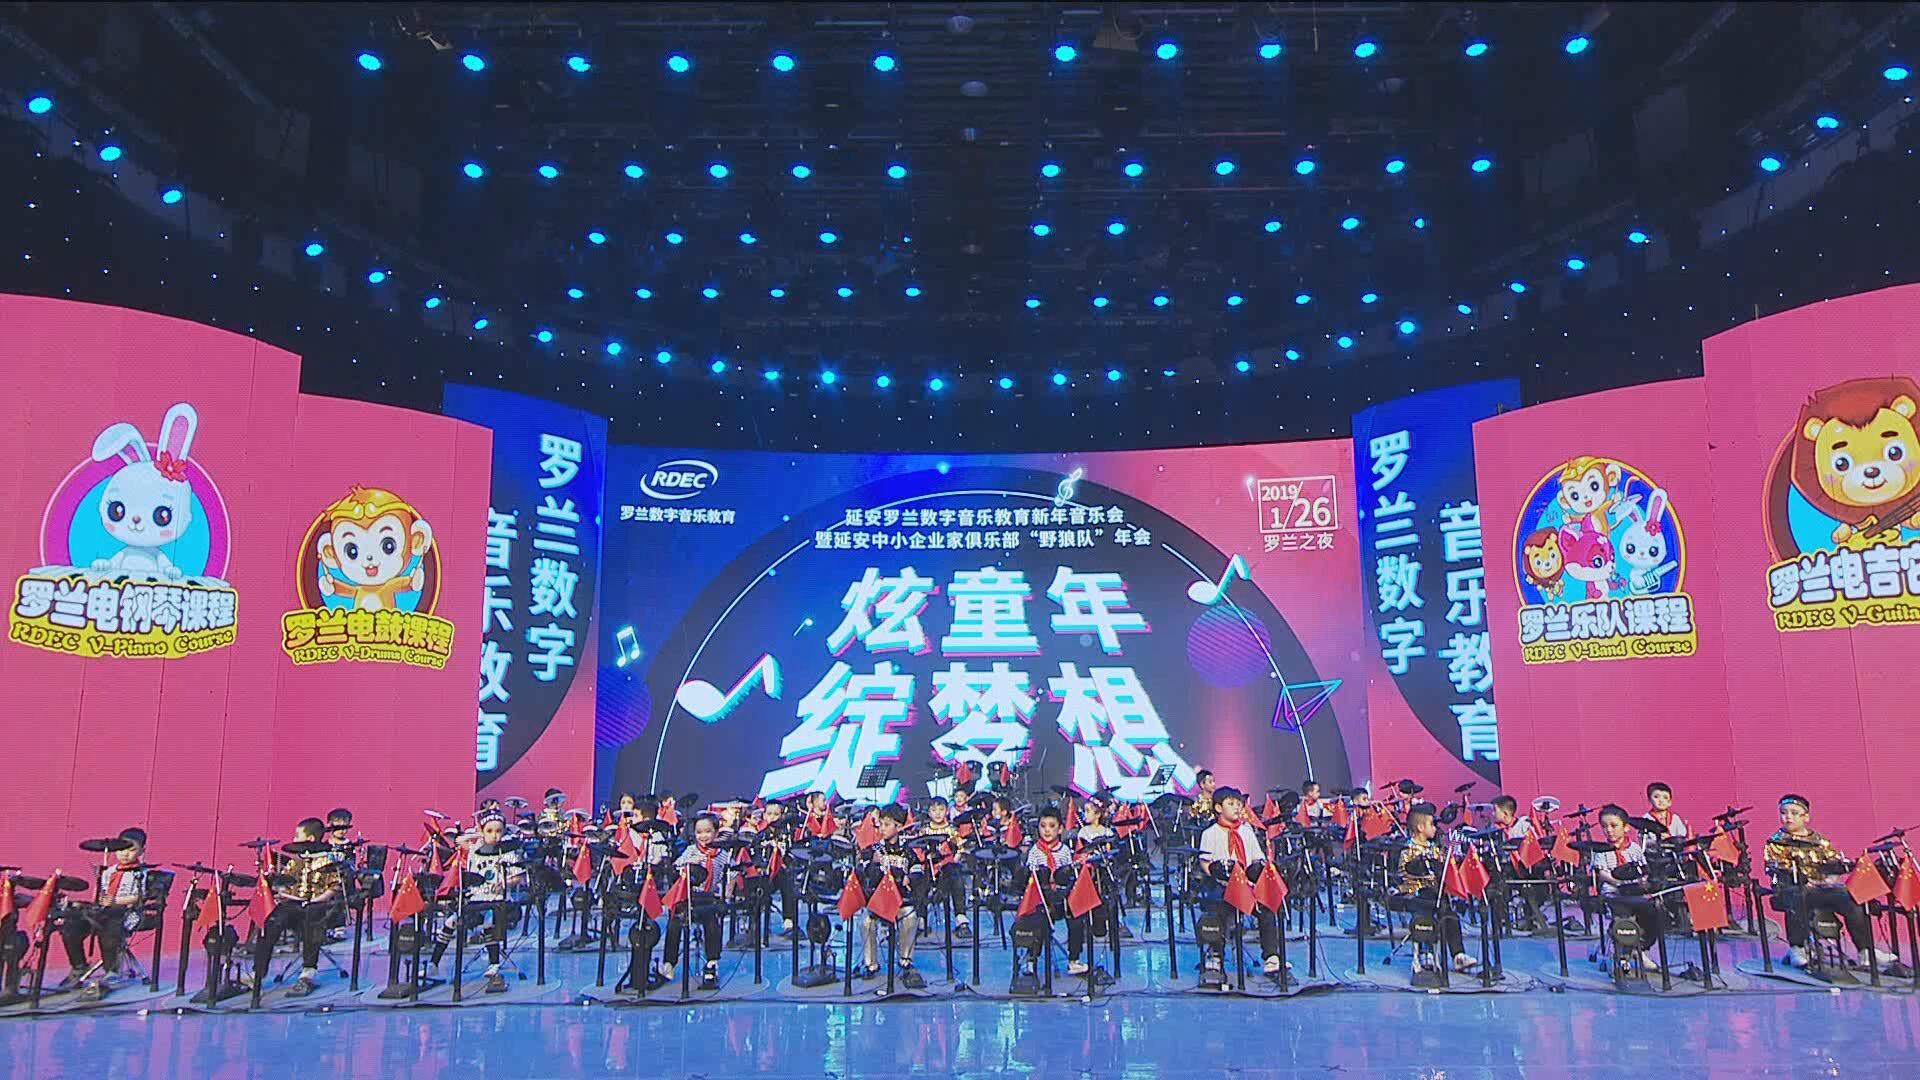 2018-2019全国部分校区新年音乐会集锦